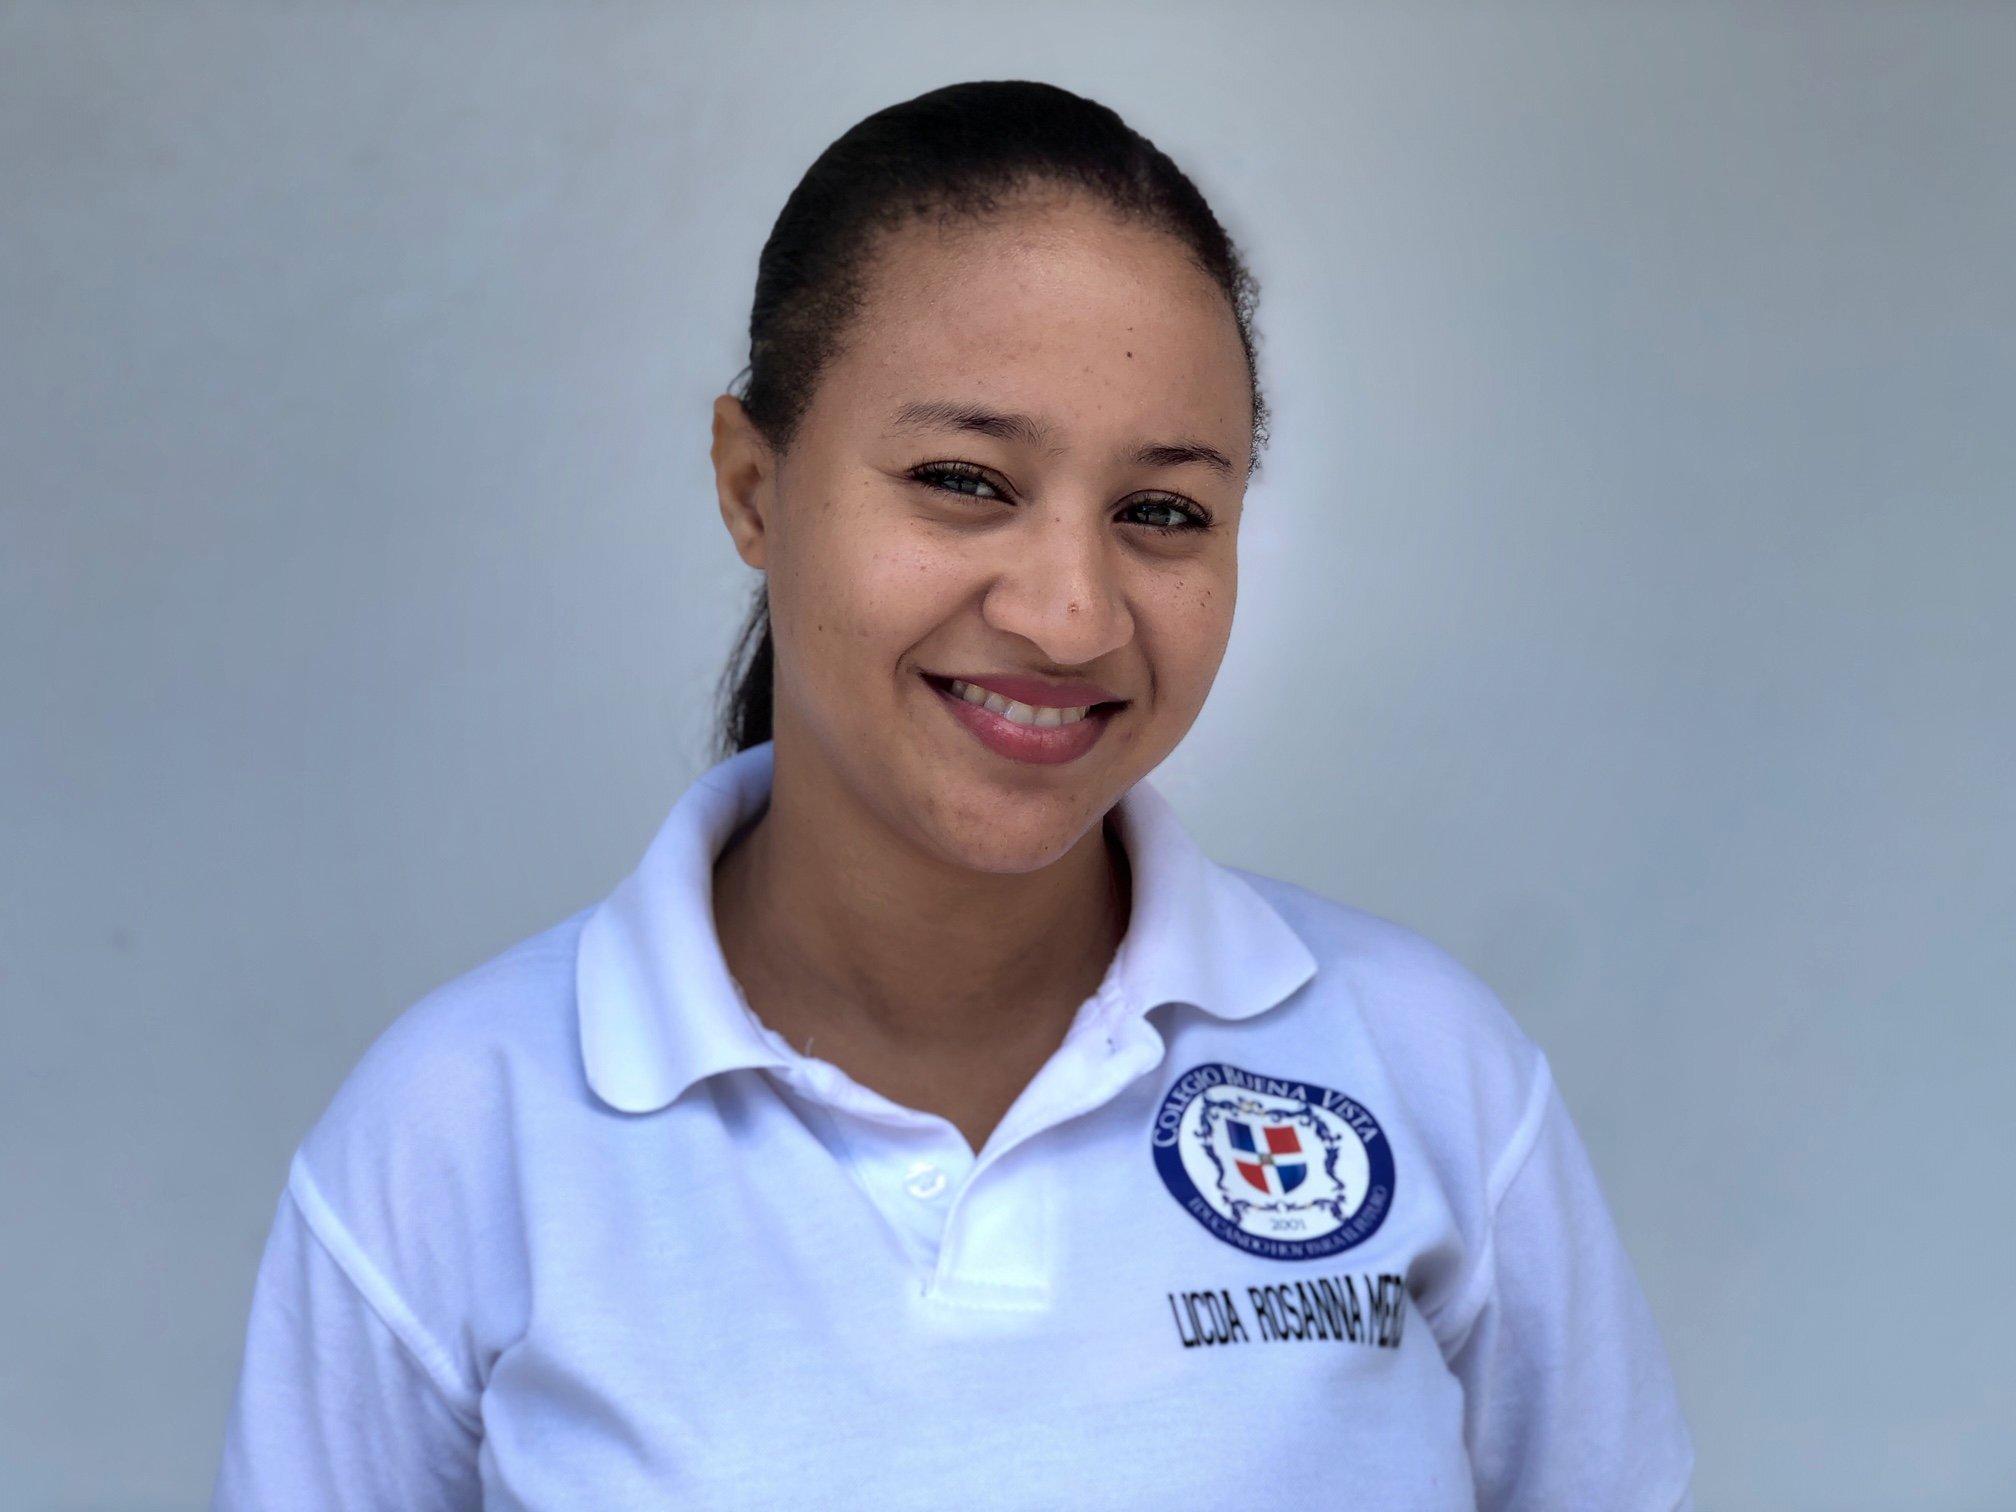 Rosanna Esthefany Mercedes Cedeño